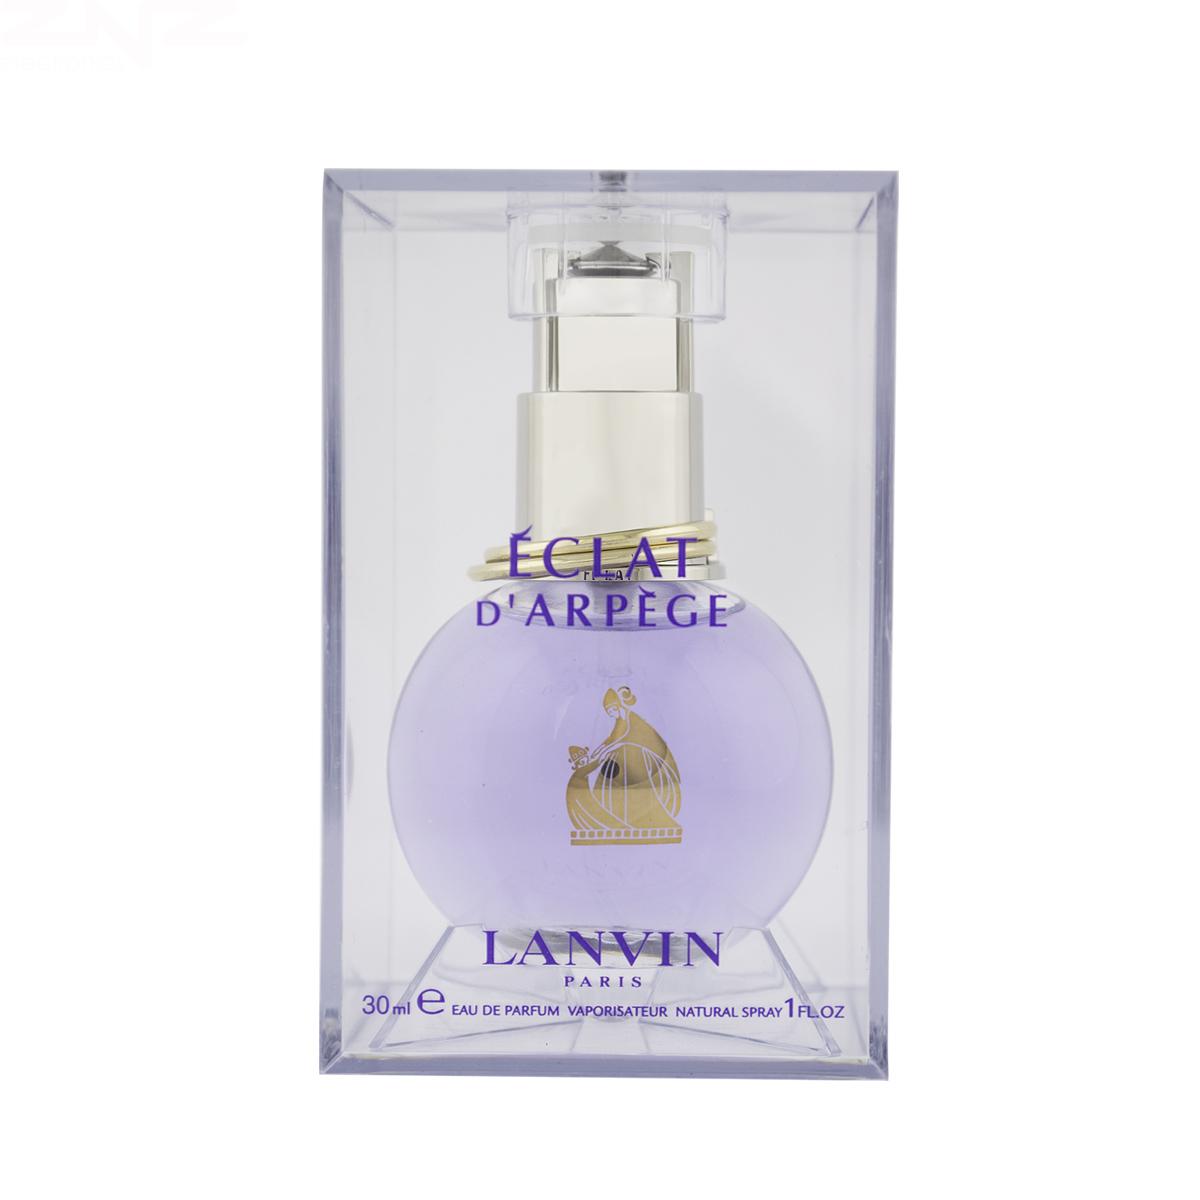 Lanvin Paris Éclat d'Arpège EDP 30 ml W